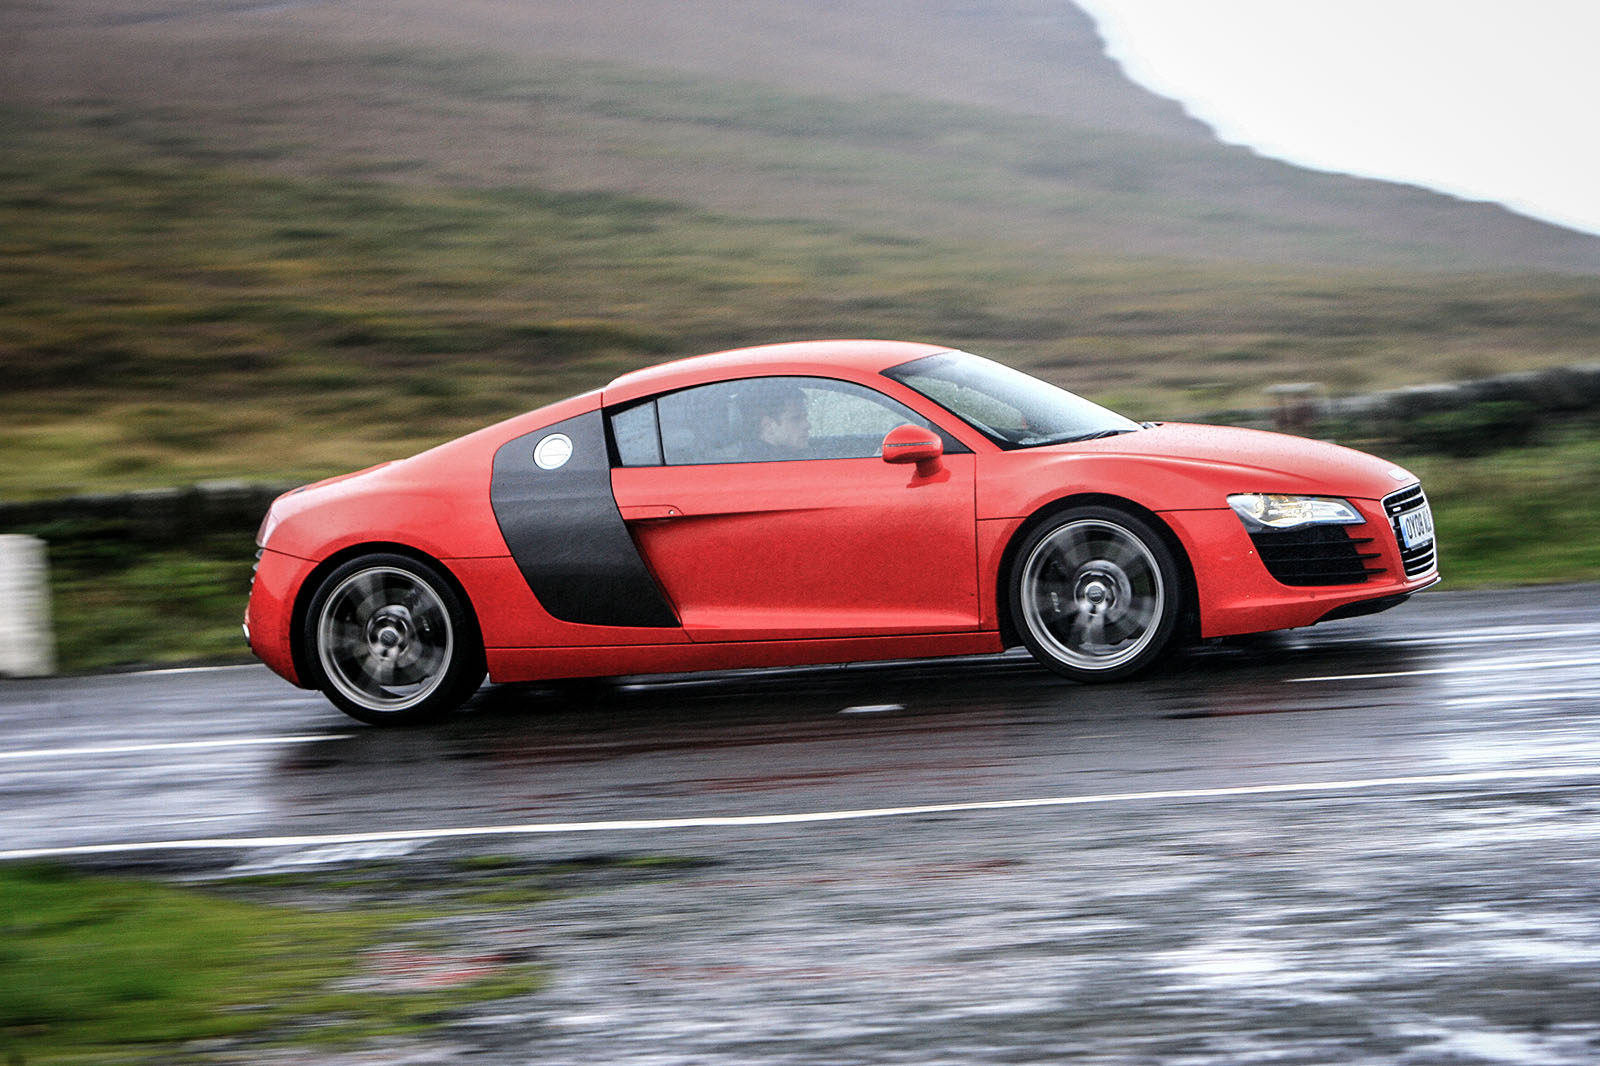 Kelebihan Kekurangan Audi Rt Spesifikasi